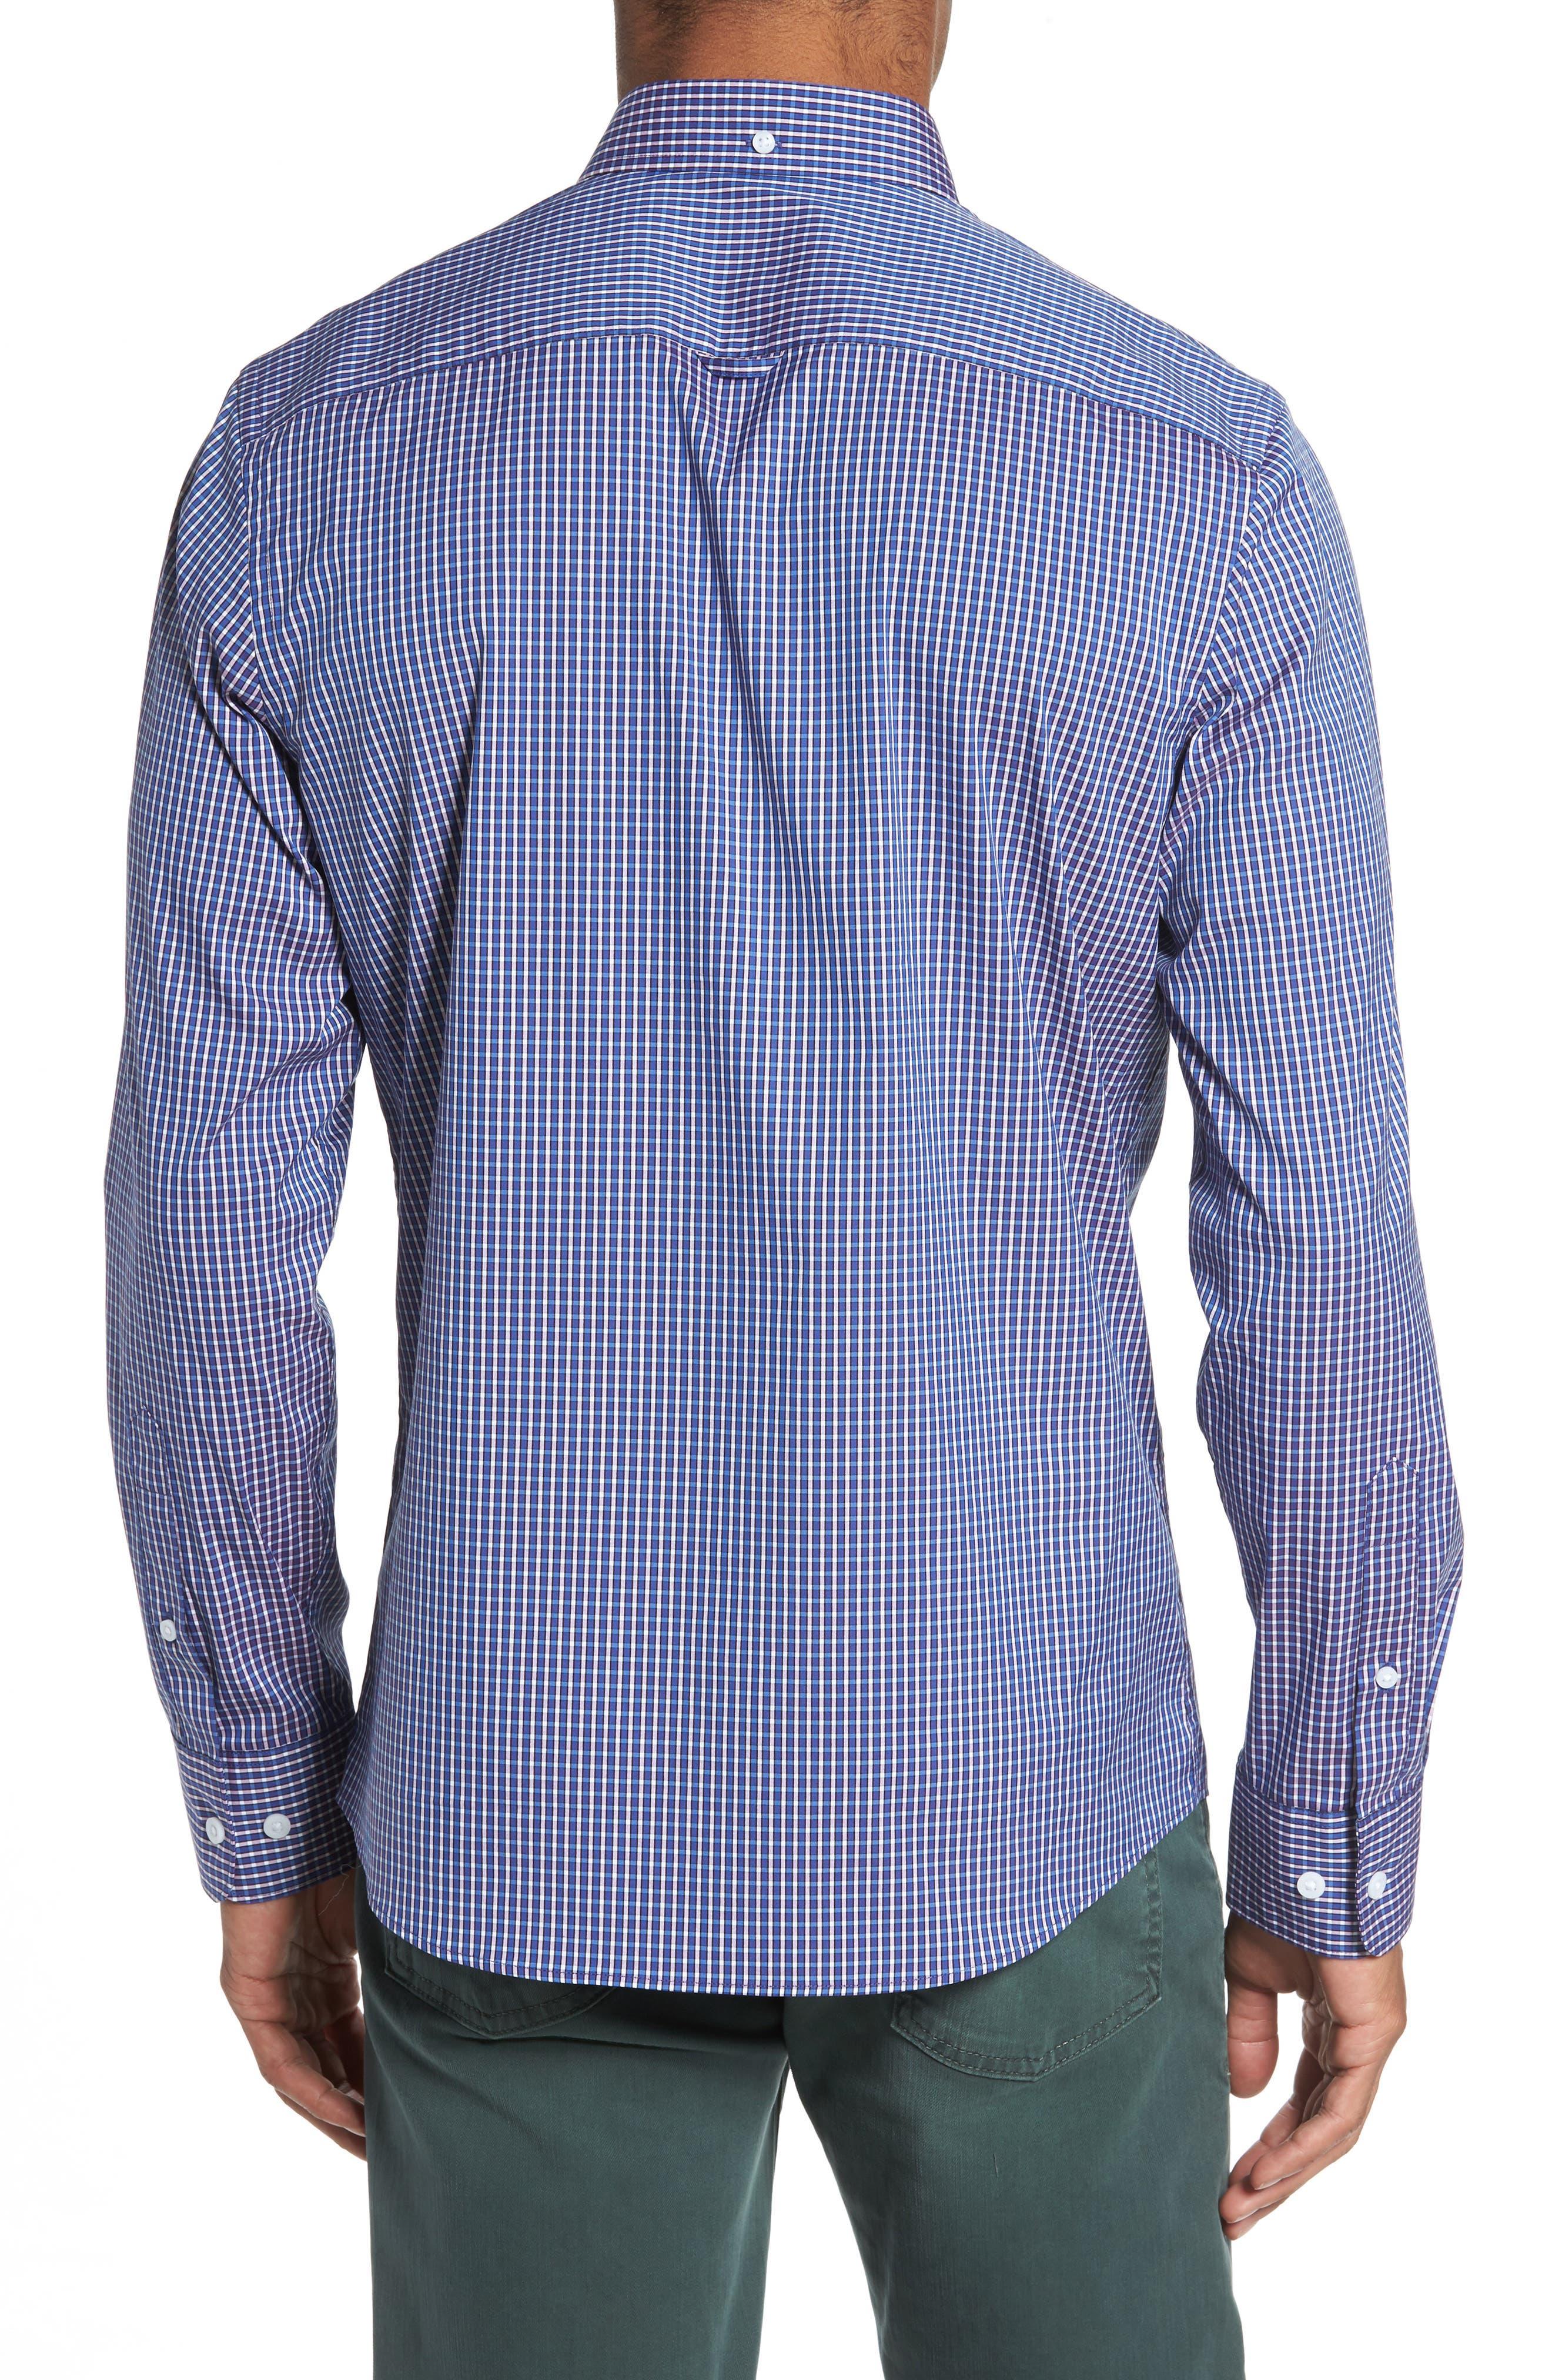 Tech-Smart Trim Fit Check Sport Shirt,                             Alternate thumbnail 2, color,                             501